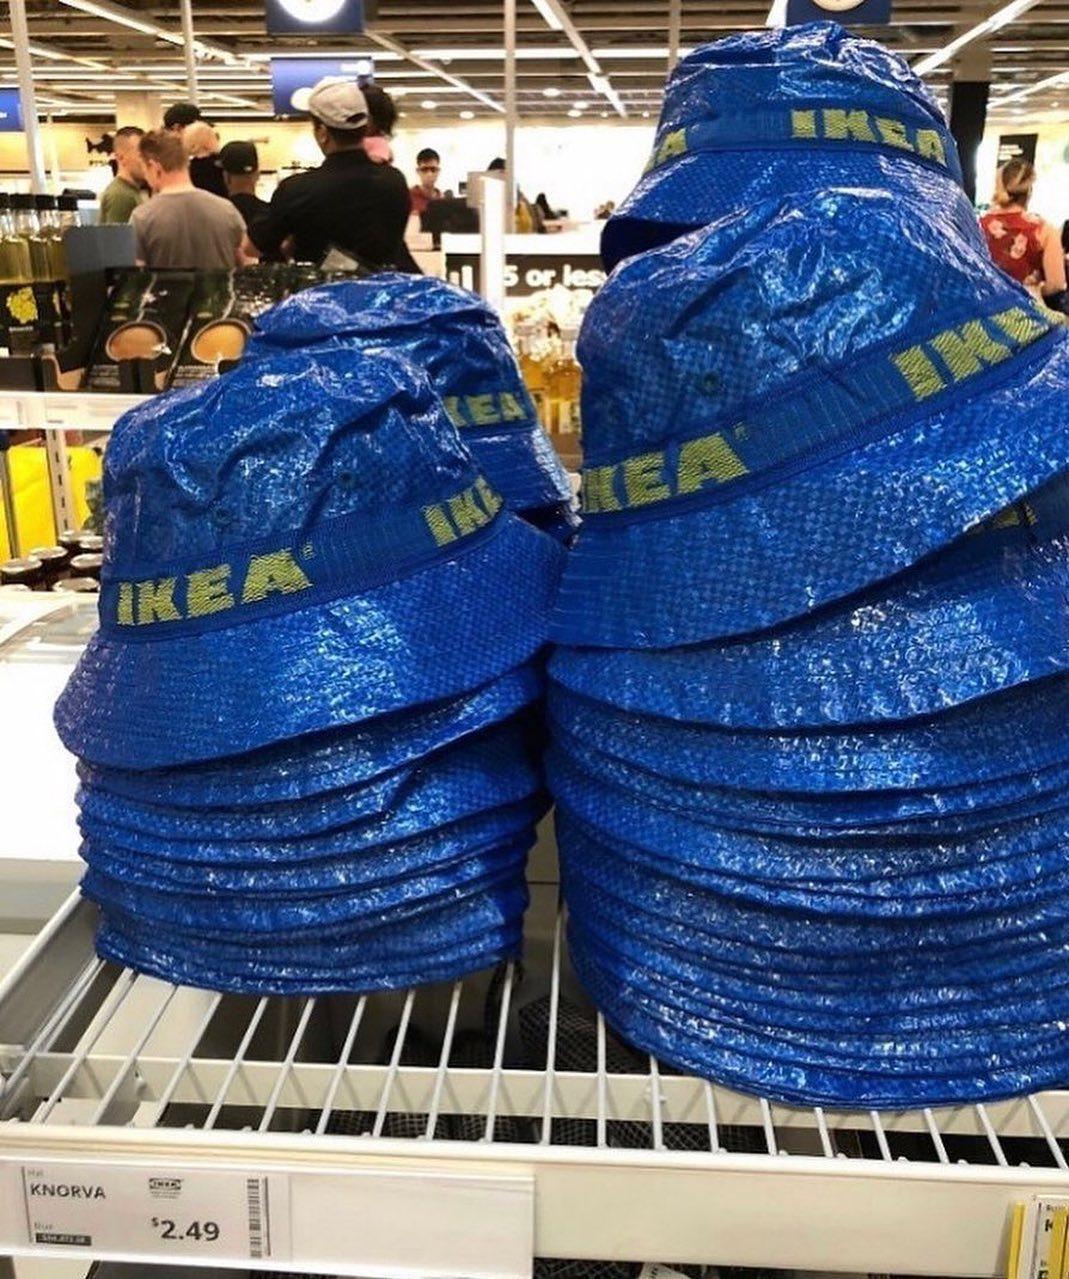 IKEA推限量「購物袋漁夫帽」引暴動 網路拍賣價「翻10倍」傻眼:都能買傢俱了!